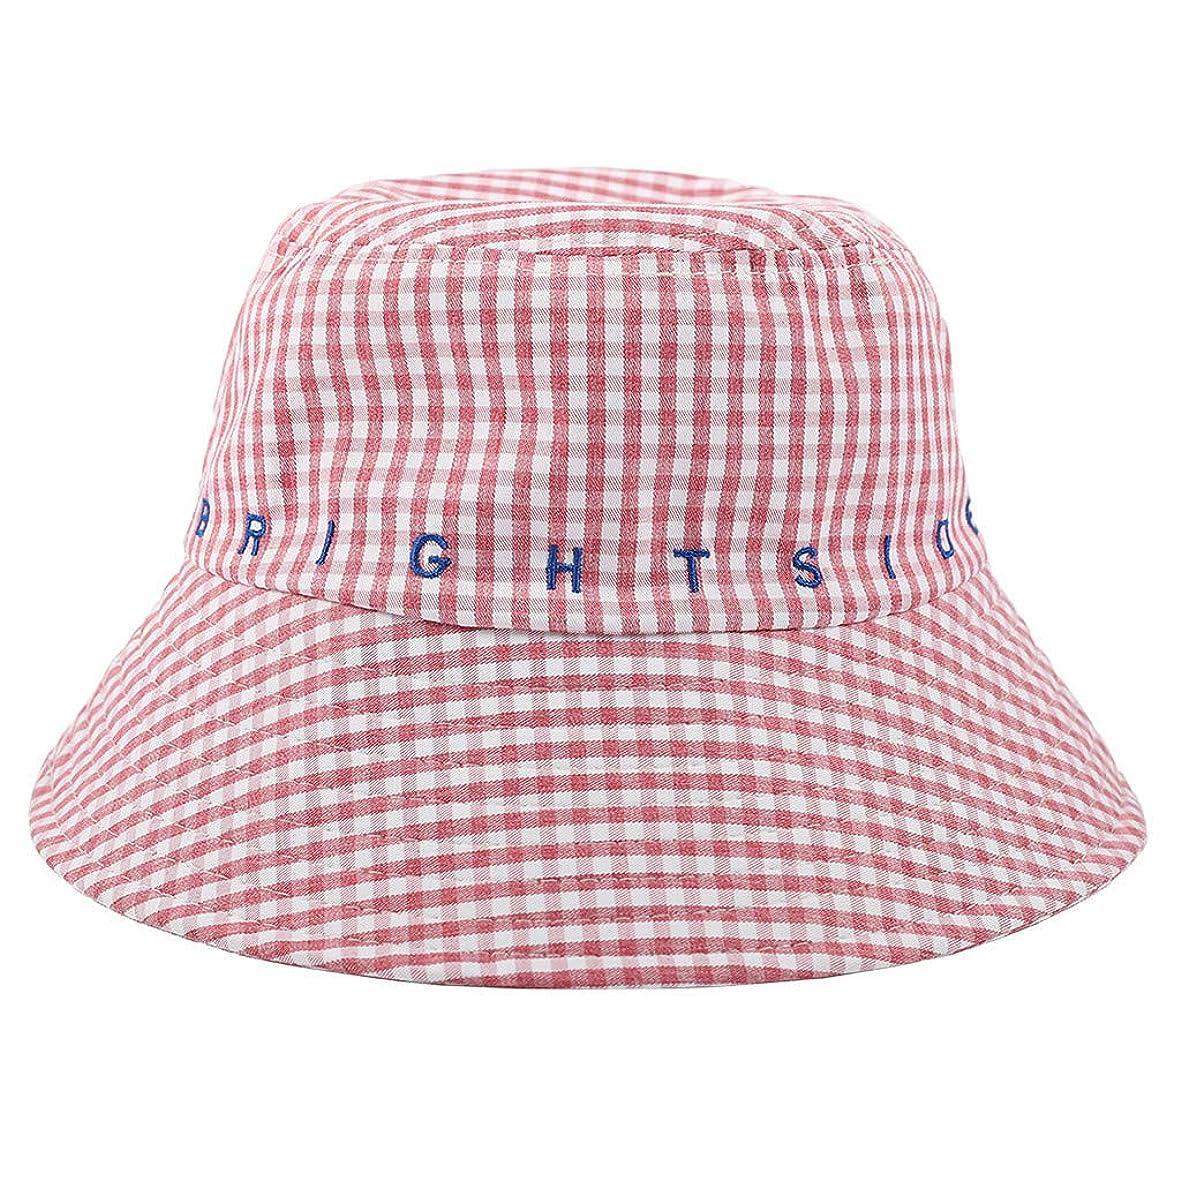 書道彼の足首帽子 レディース uv帽 UVカット 漁師の帽子 99%uvカット 日除け ハット 調整テープ キャップ 折りたたみ 漁師帽 つば広 帽子 レディース キャップ 調節テープ 吸汗通気 紫外線対策 おしゃれ 高級感 ROSE ROMAN